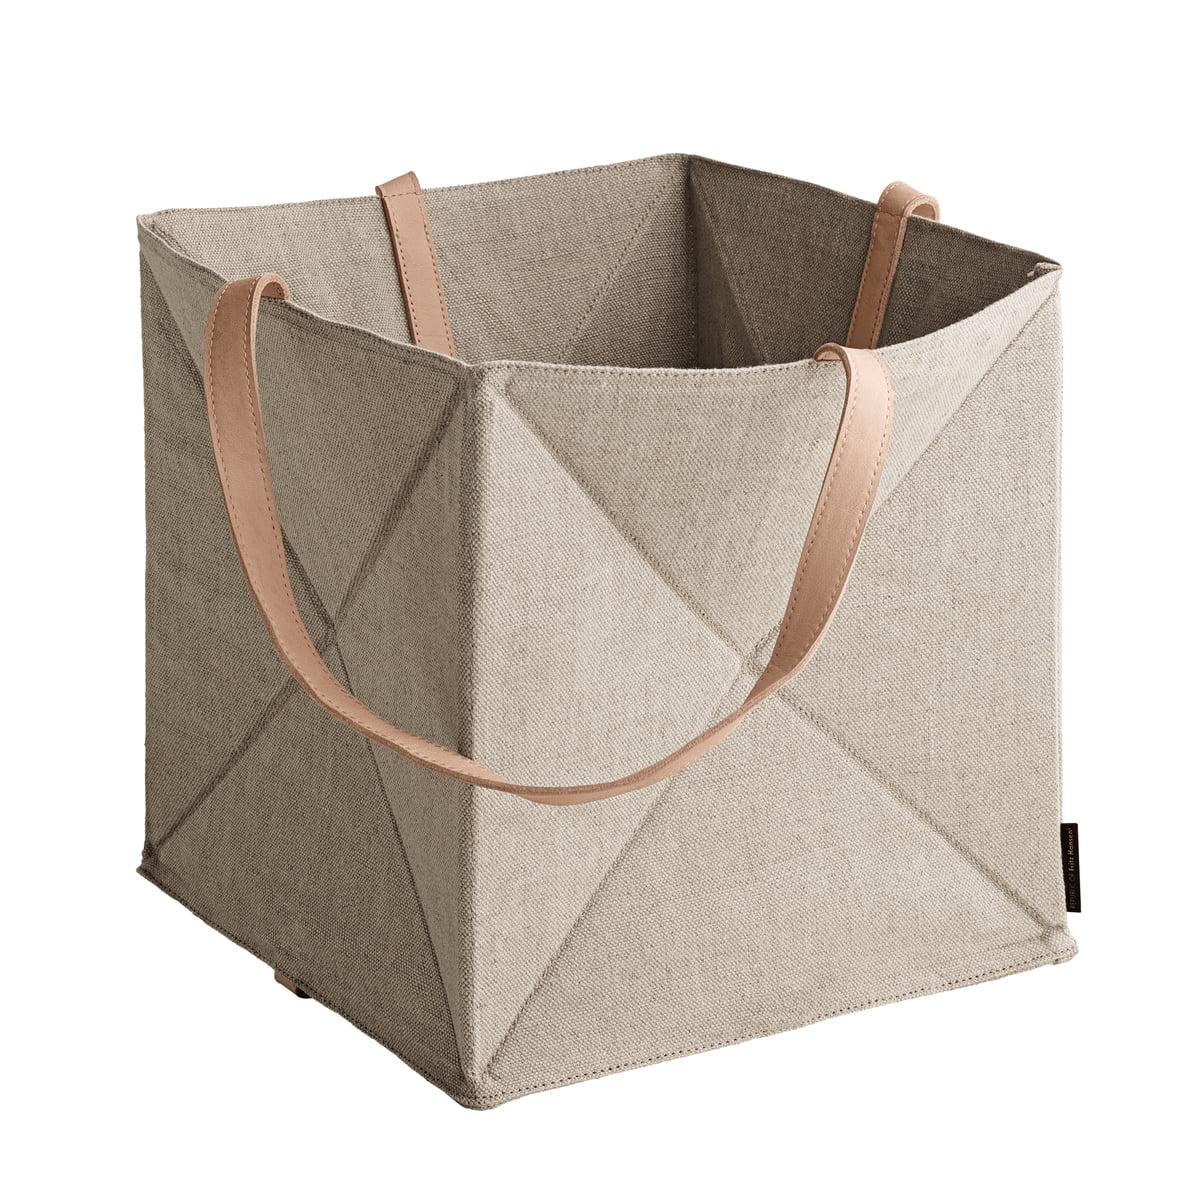 Fritz Hansen - Origami Aufbewahrungskorb H 29 cm, Leinen / Leder natur   Dekoration > Aufbewahrung und Ordnung > Korbwaren   Leinen   Fritz Hansen